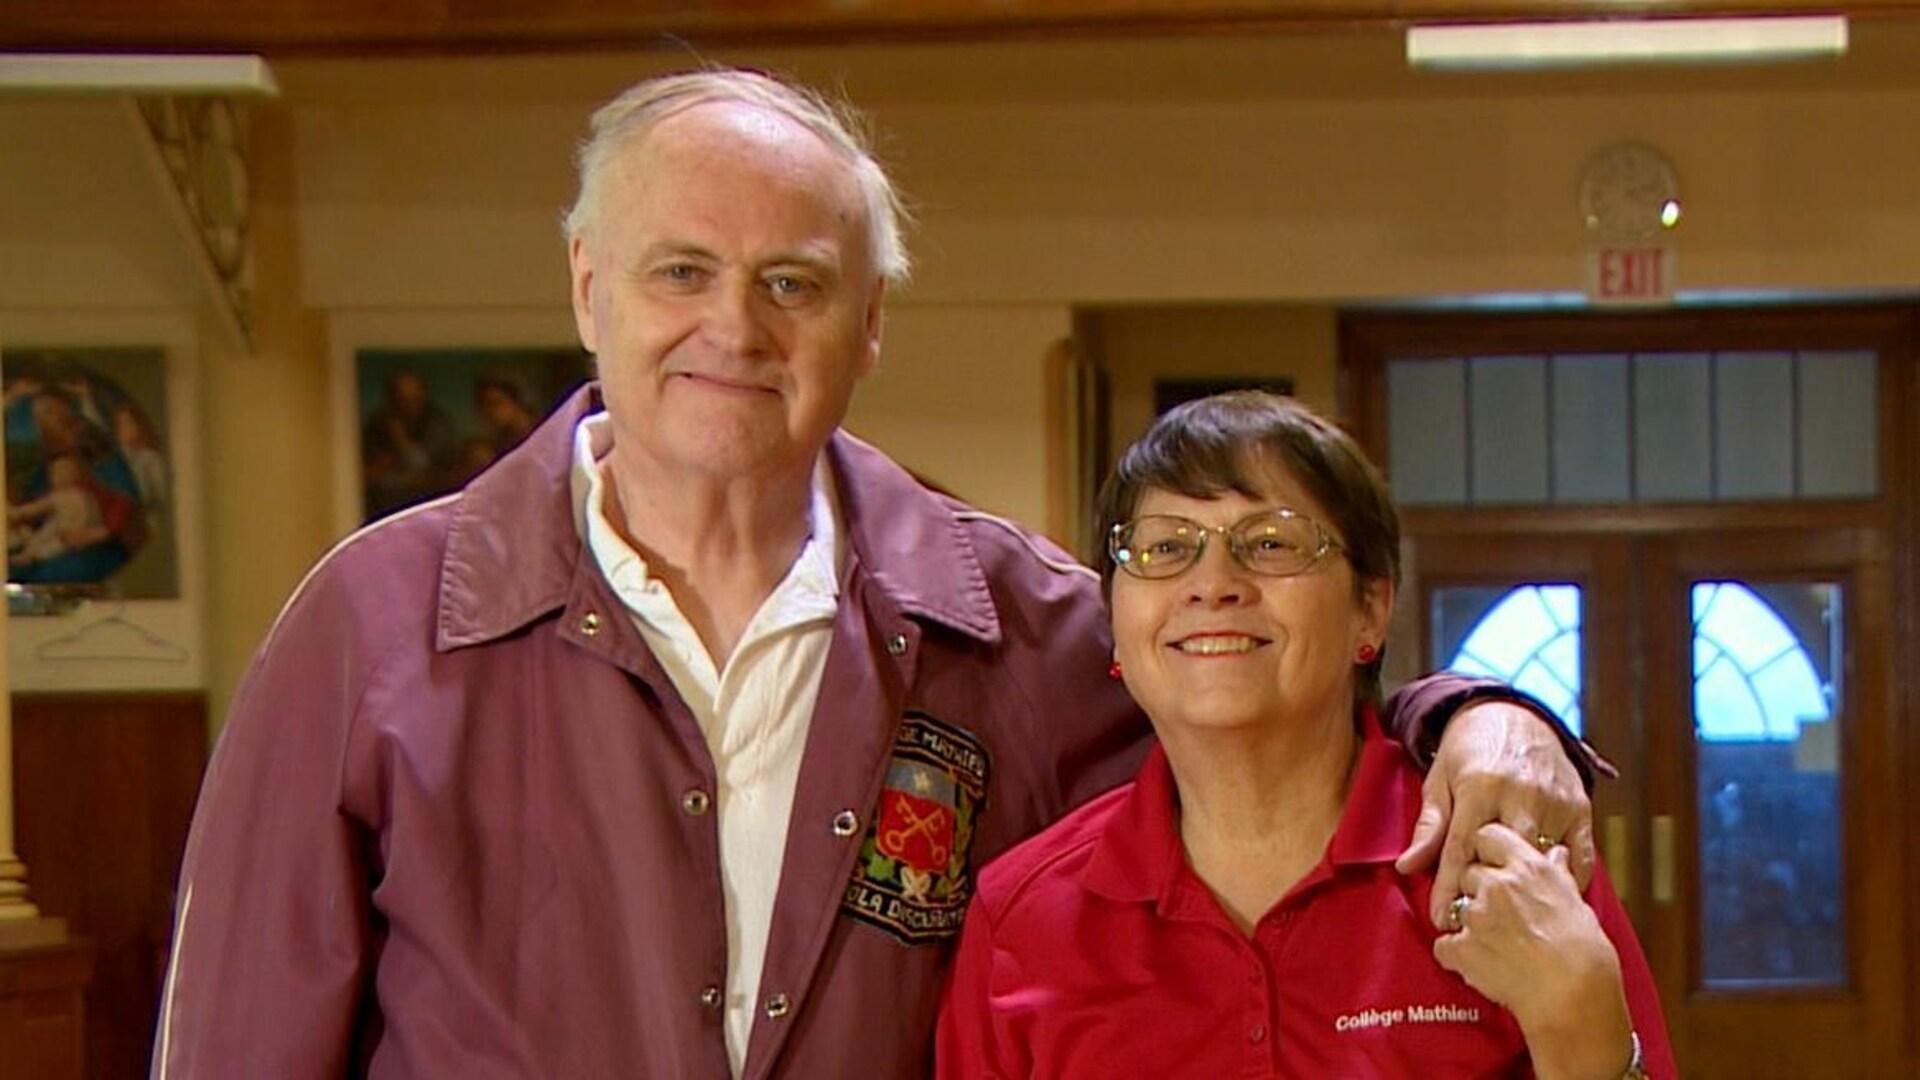 Un homme souriant tient une femme souriant par l'épaule, ils sont côte à côte. L'arrière-plan est un église.